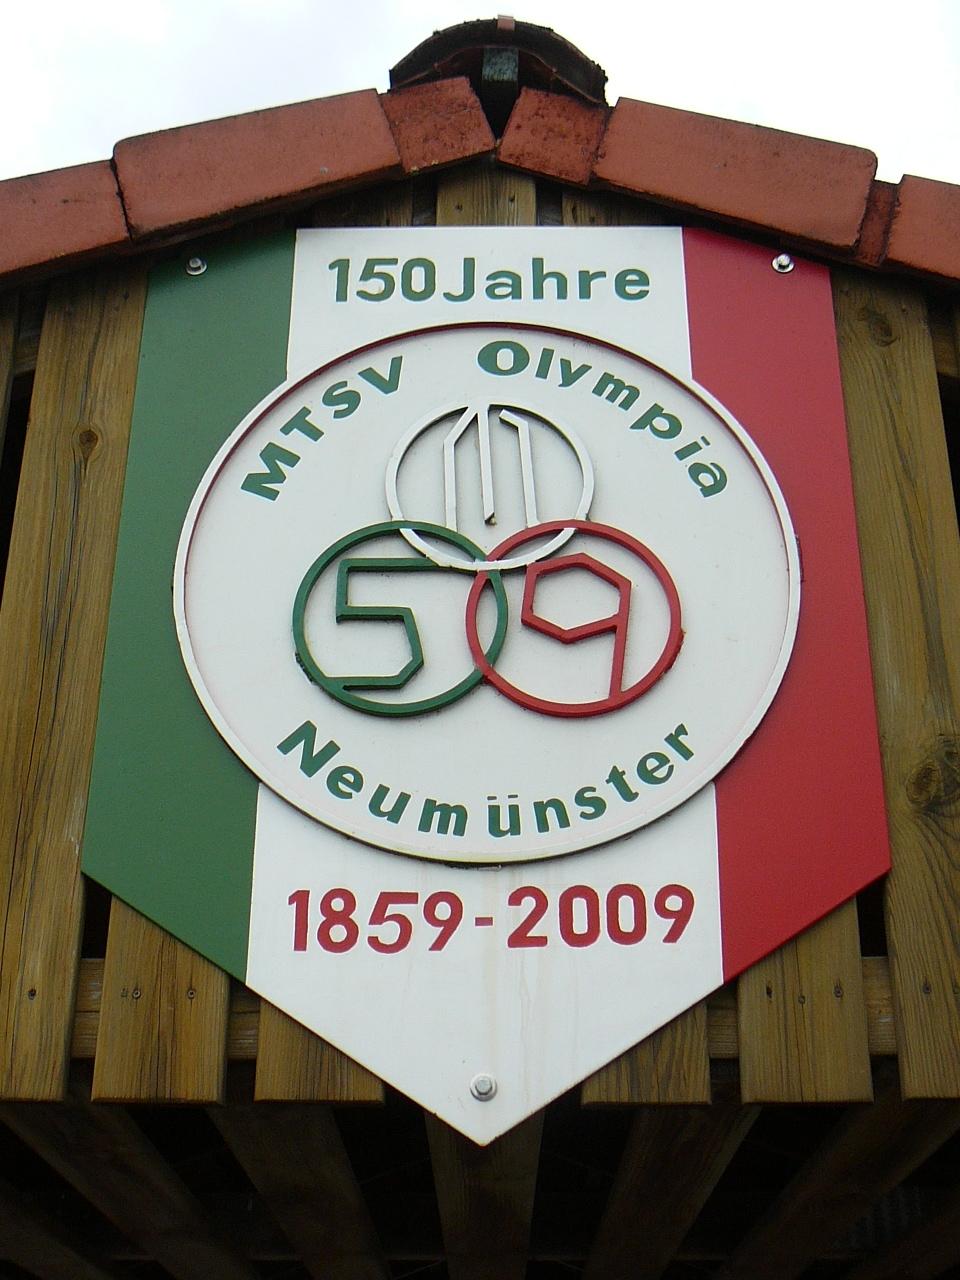 OlympiaNeumünster3